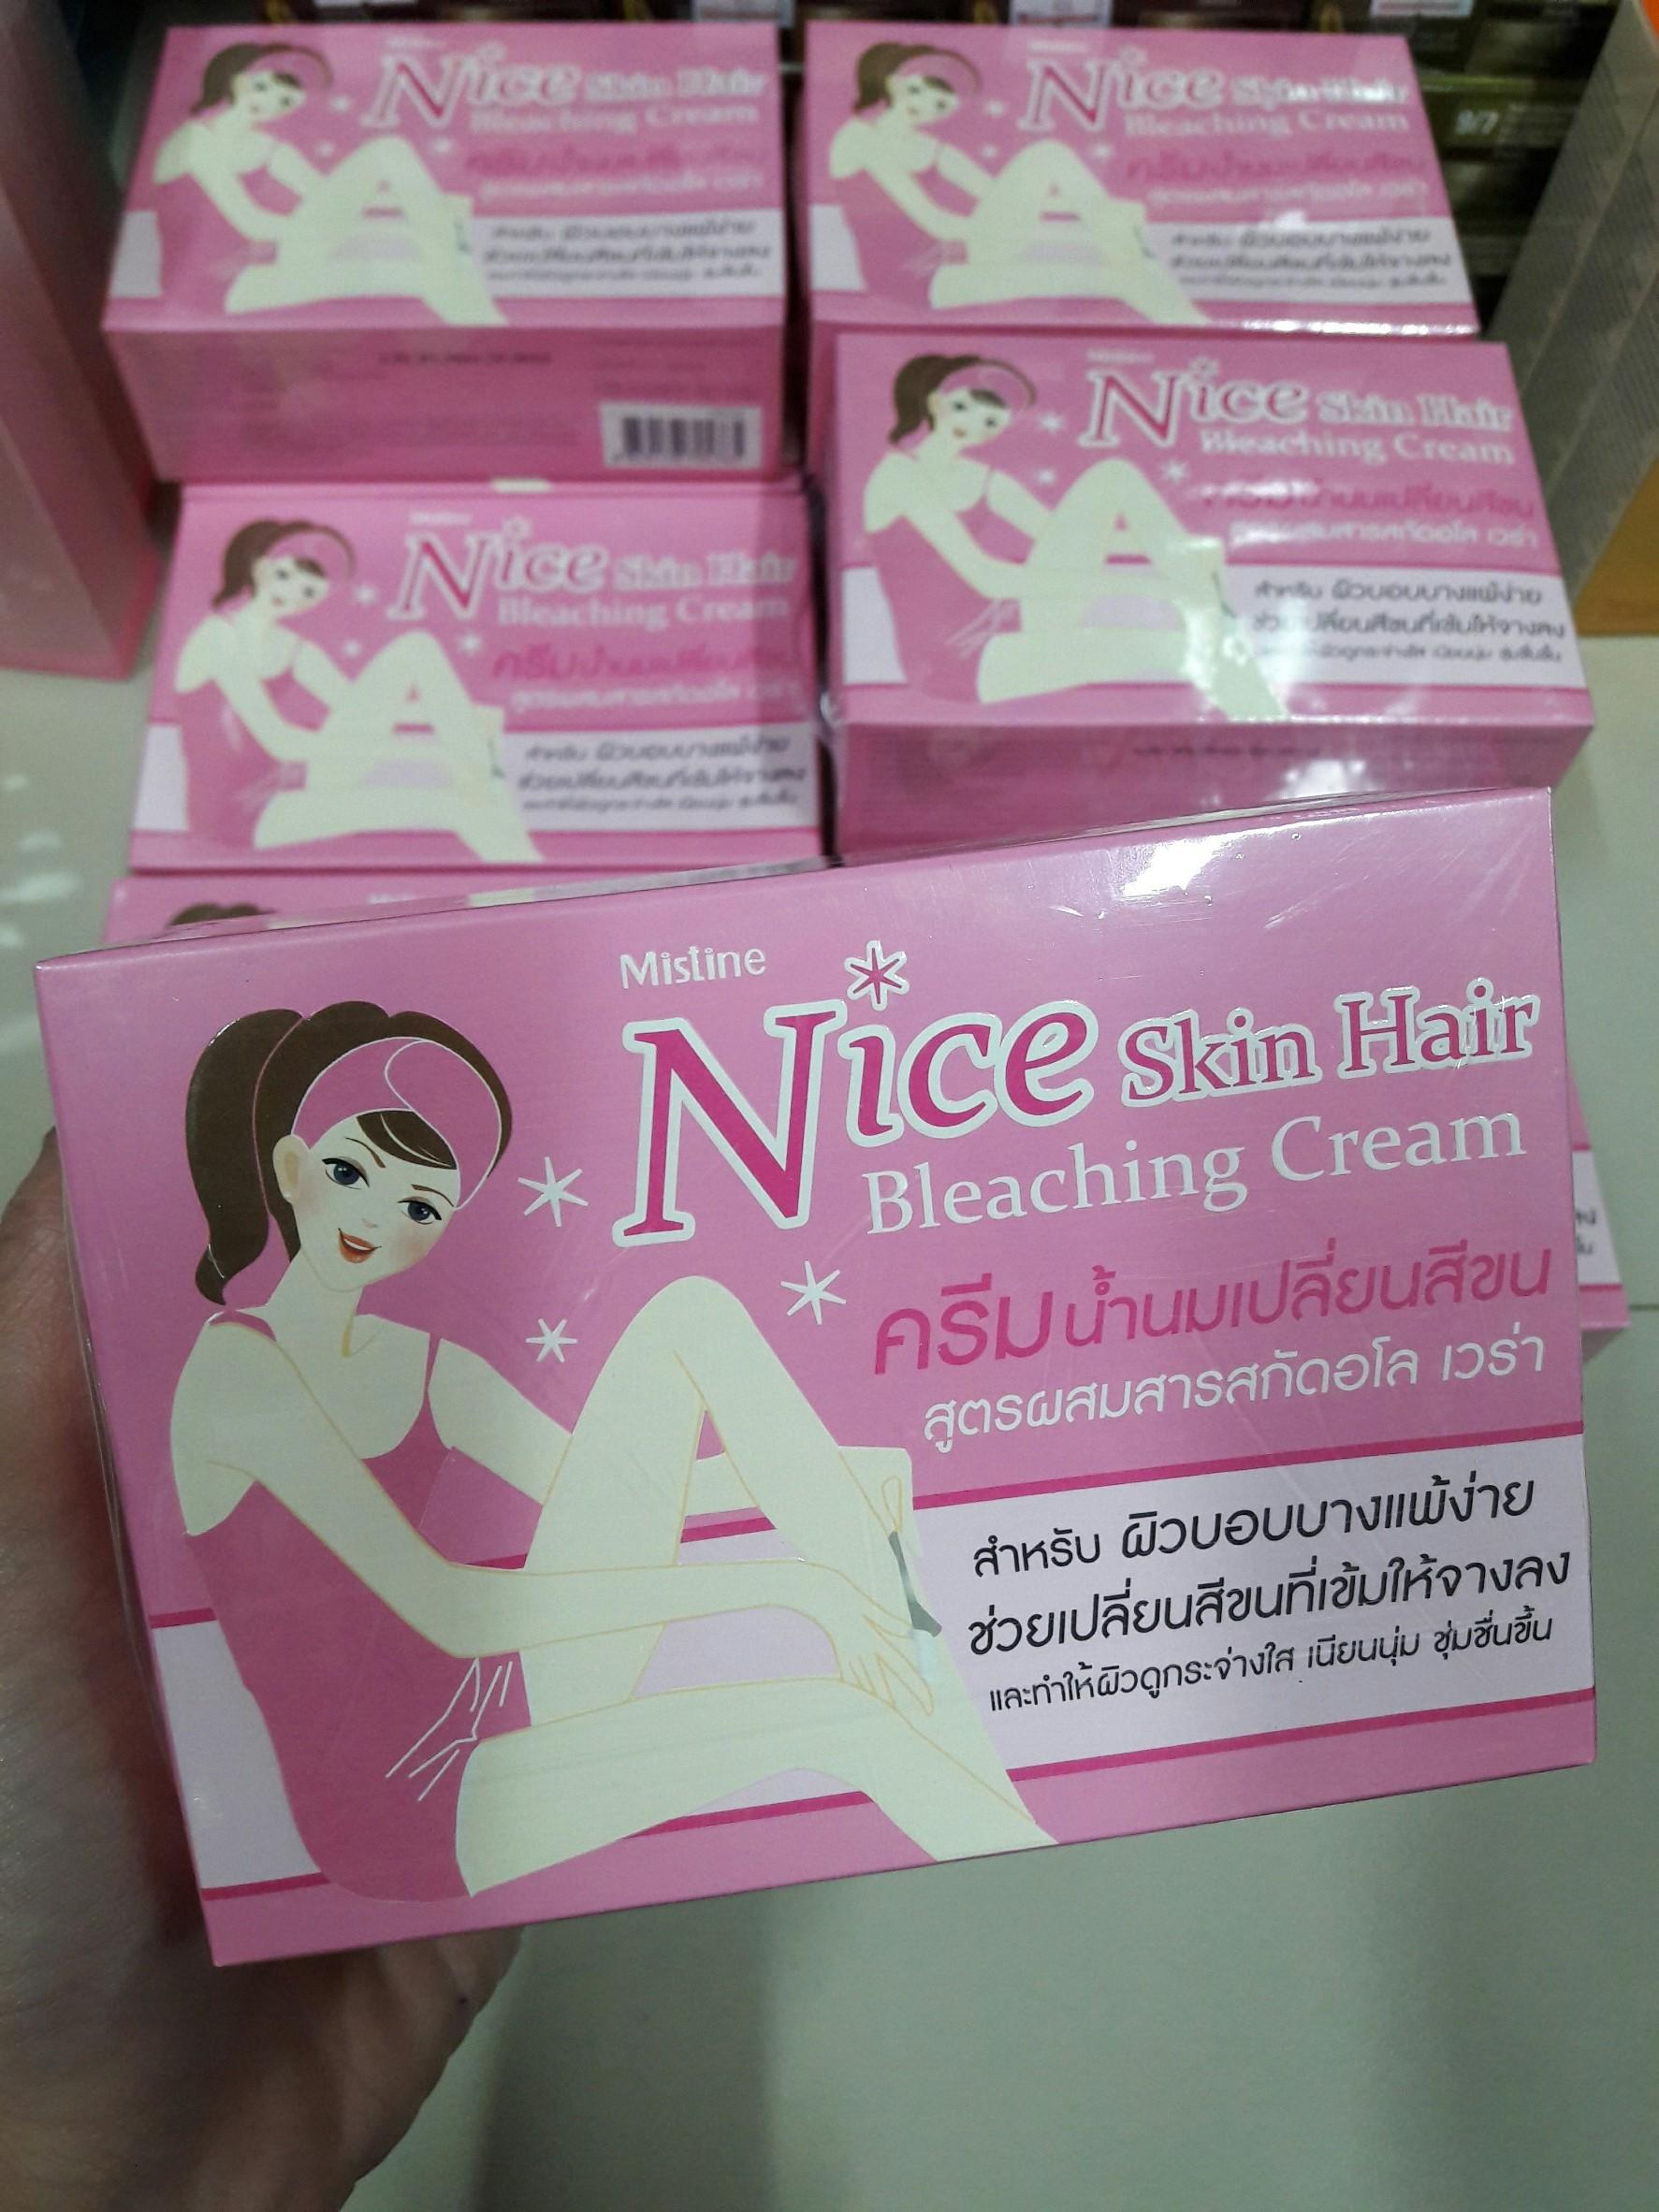 ครีมน้ำนมเปลี่ยนสีขน มิสทีน ไนซ์ สกิน แฮร์ บลีชชิ่ง ครีม Mistine Nice Skin Hair Bleaching Cream